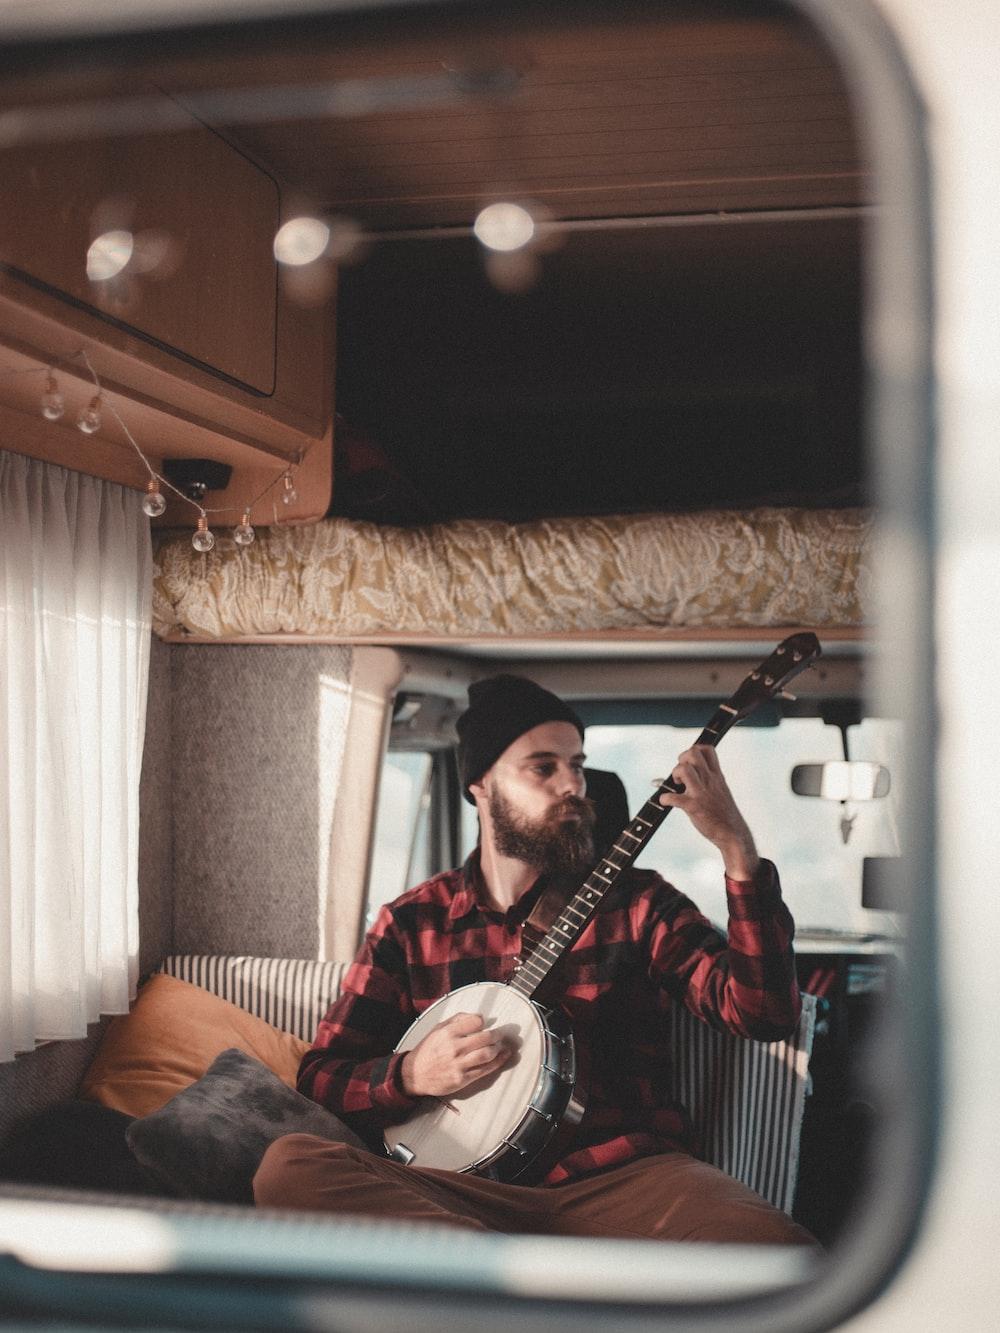 man sitting inside vehicle while playing mandoline